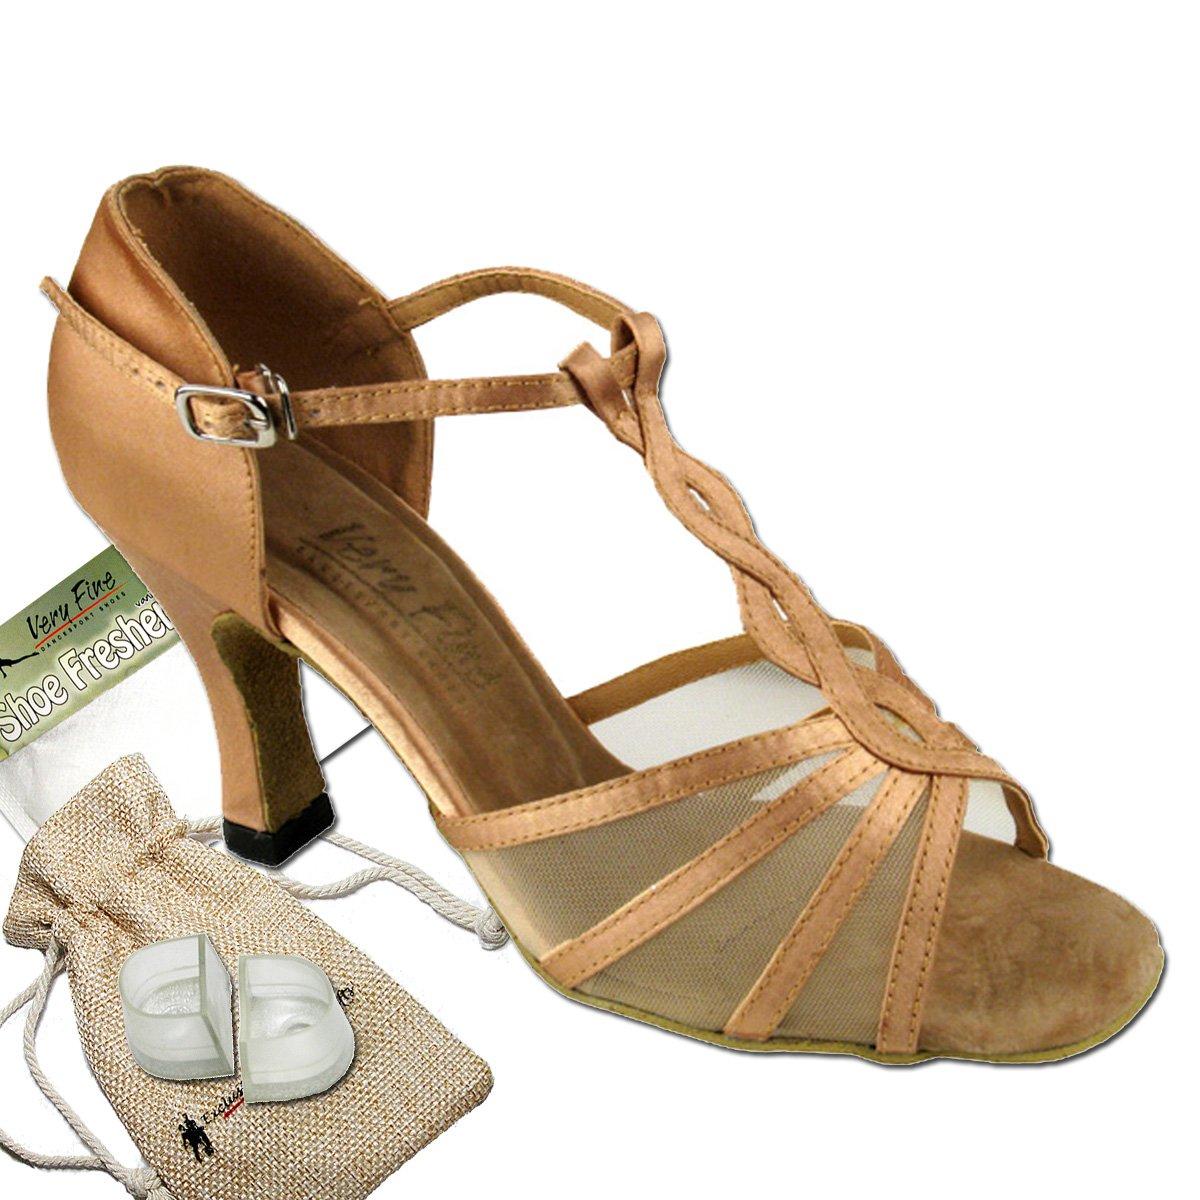 レディース社交ダンスシューズウェディングサルサタンゴ靴1692eb comfortable-very Fine 2.5